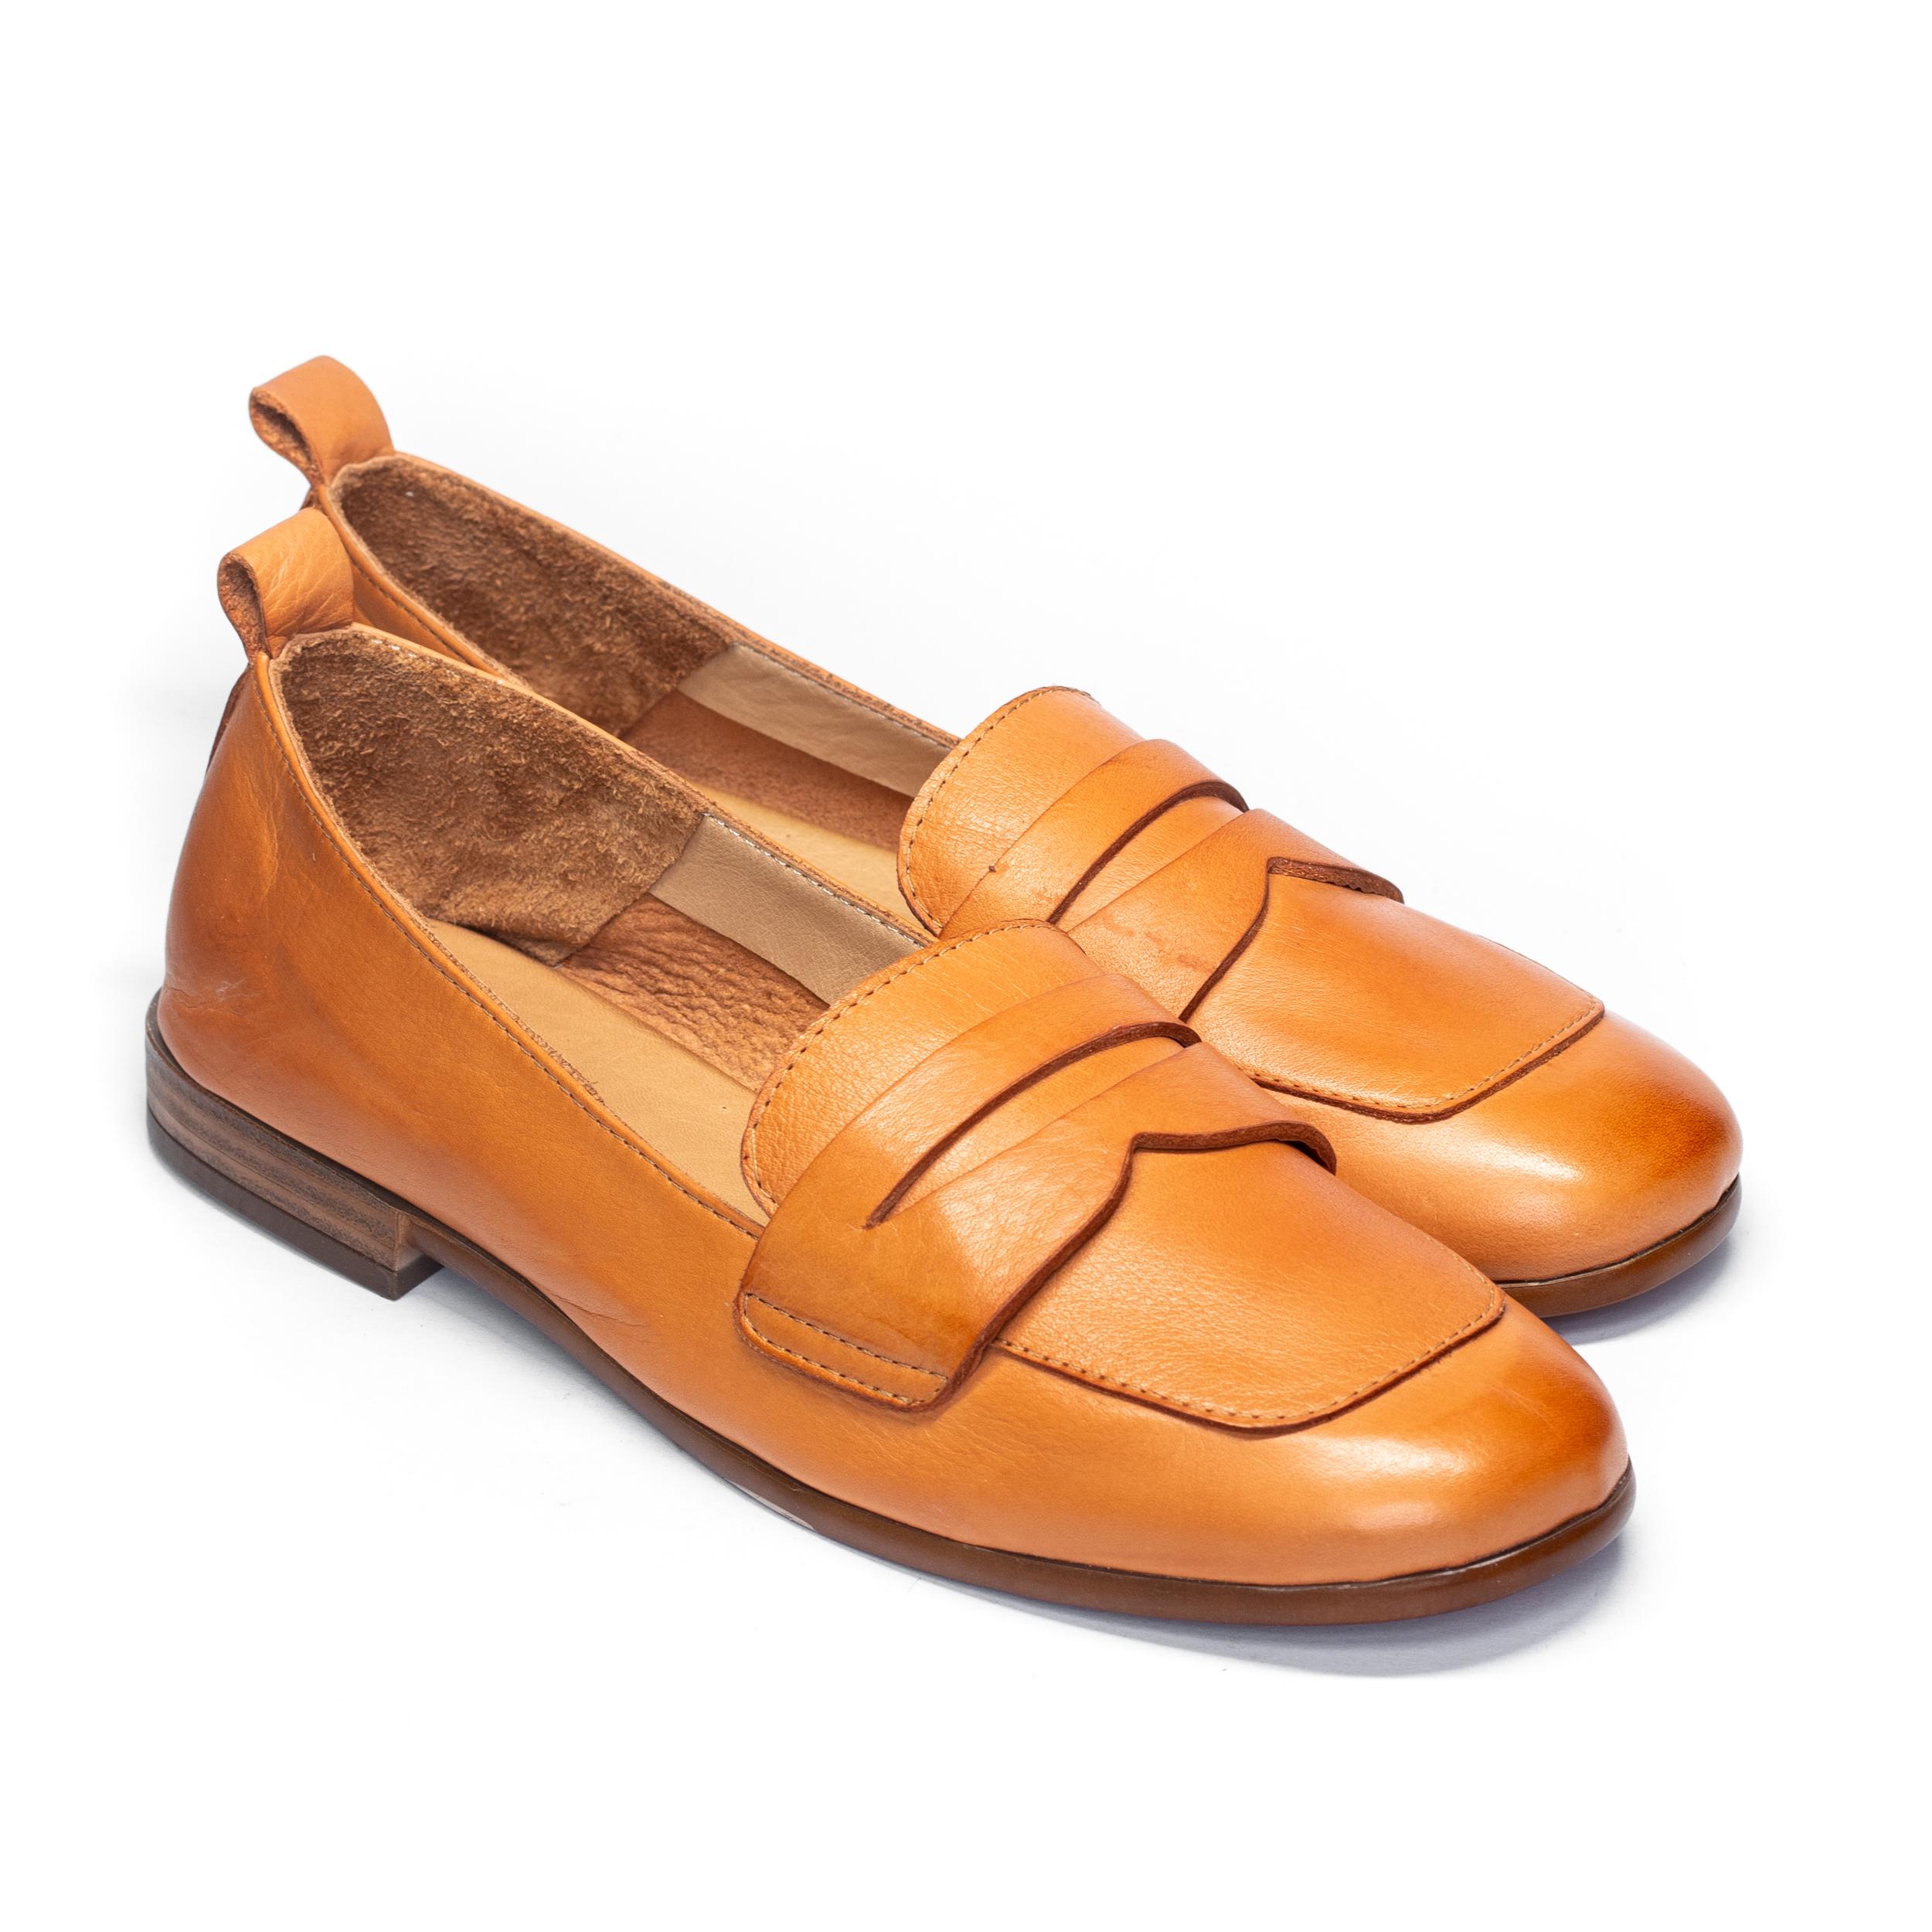 Zapatos Mocasín Camel BUENO WS4300 de Mujer perfil